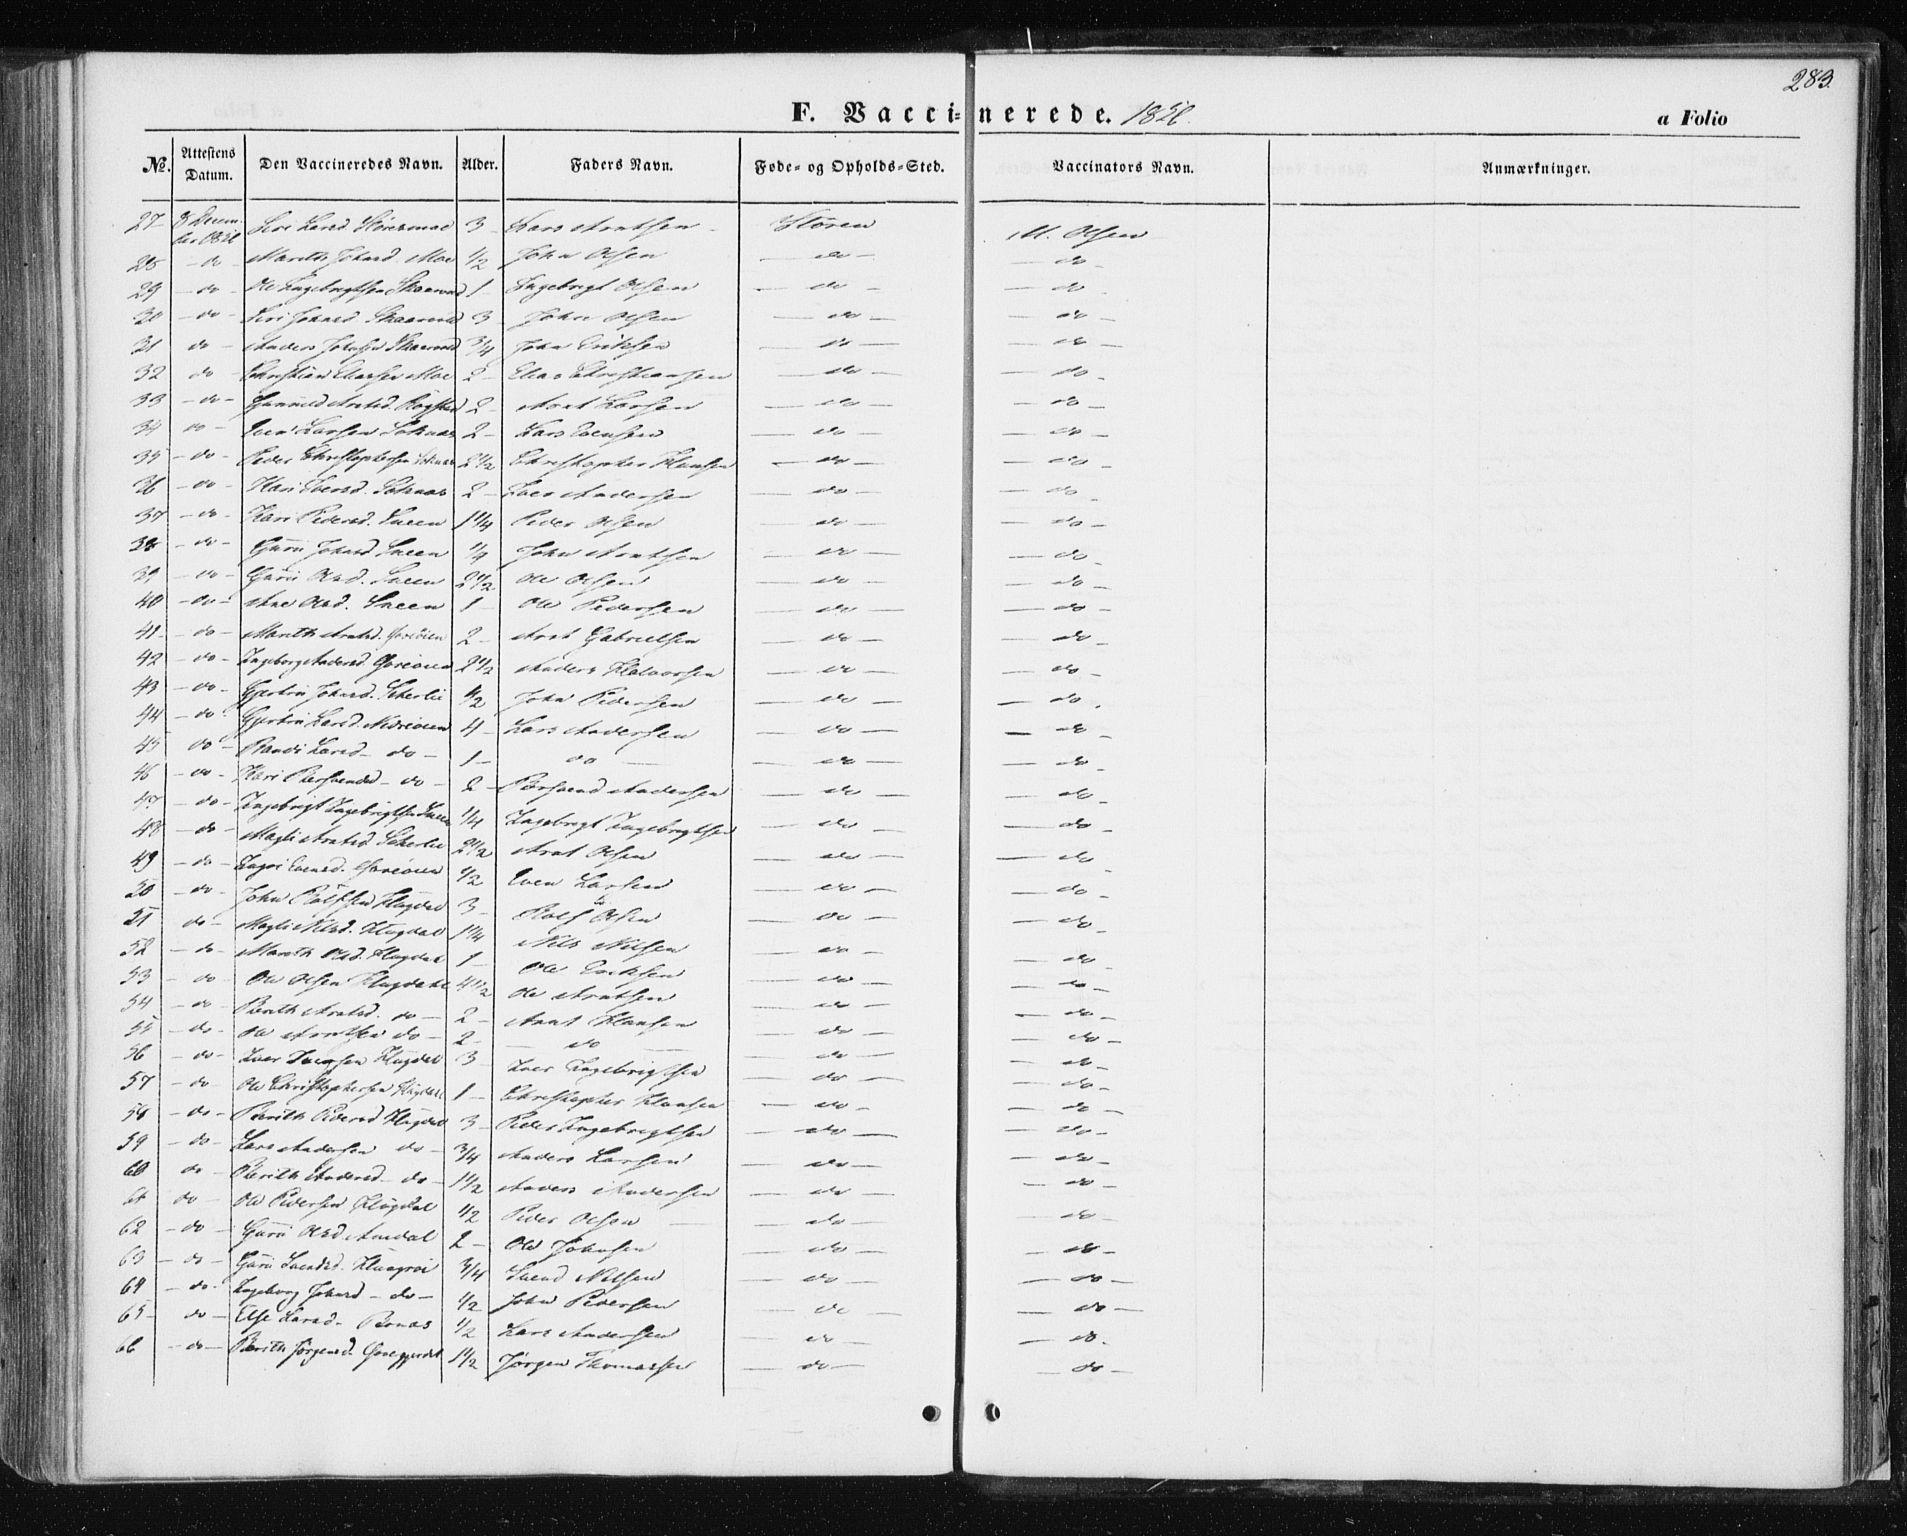 SAT, Ministerialprotokoller, klokkerbøker og fødselsregistre - Sør-Trøndelag, 687/L1000: Ministerialbok nr. 687A06, 1848-1869, s. 283